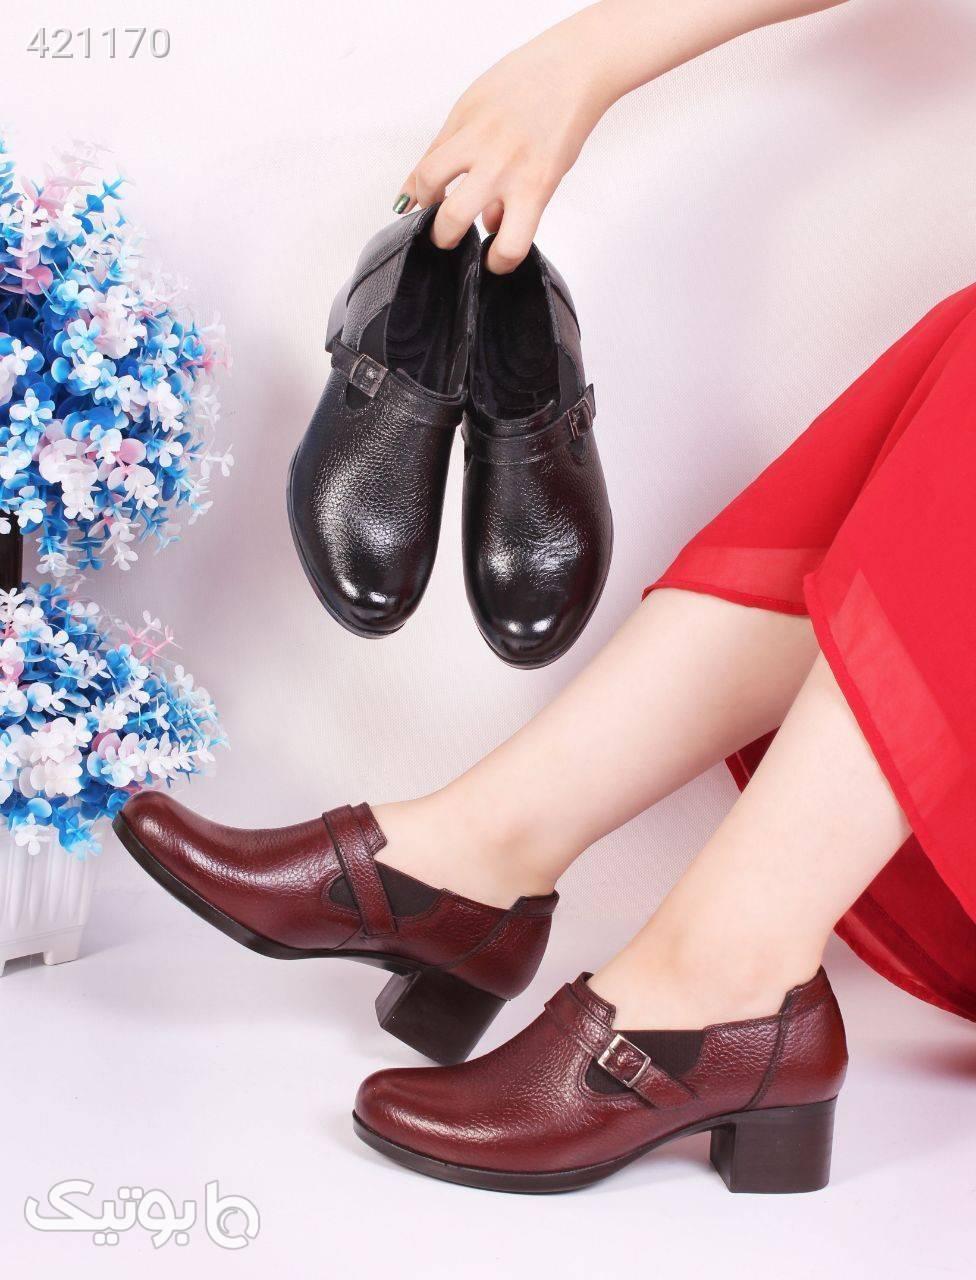 کفش مدل پشت_ابری طبی سبک مشکی كفش زنانه